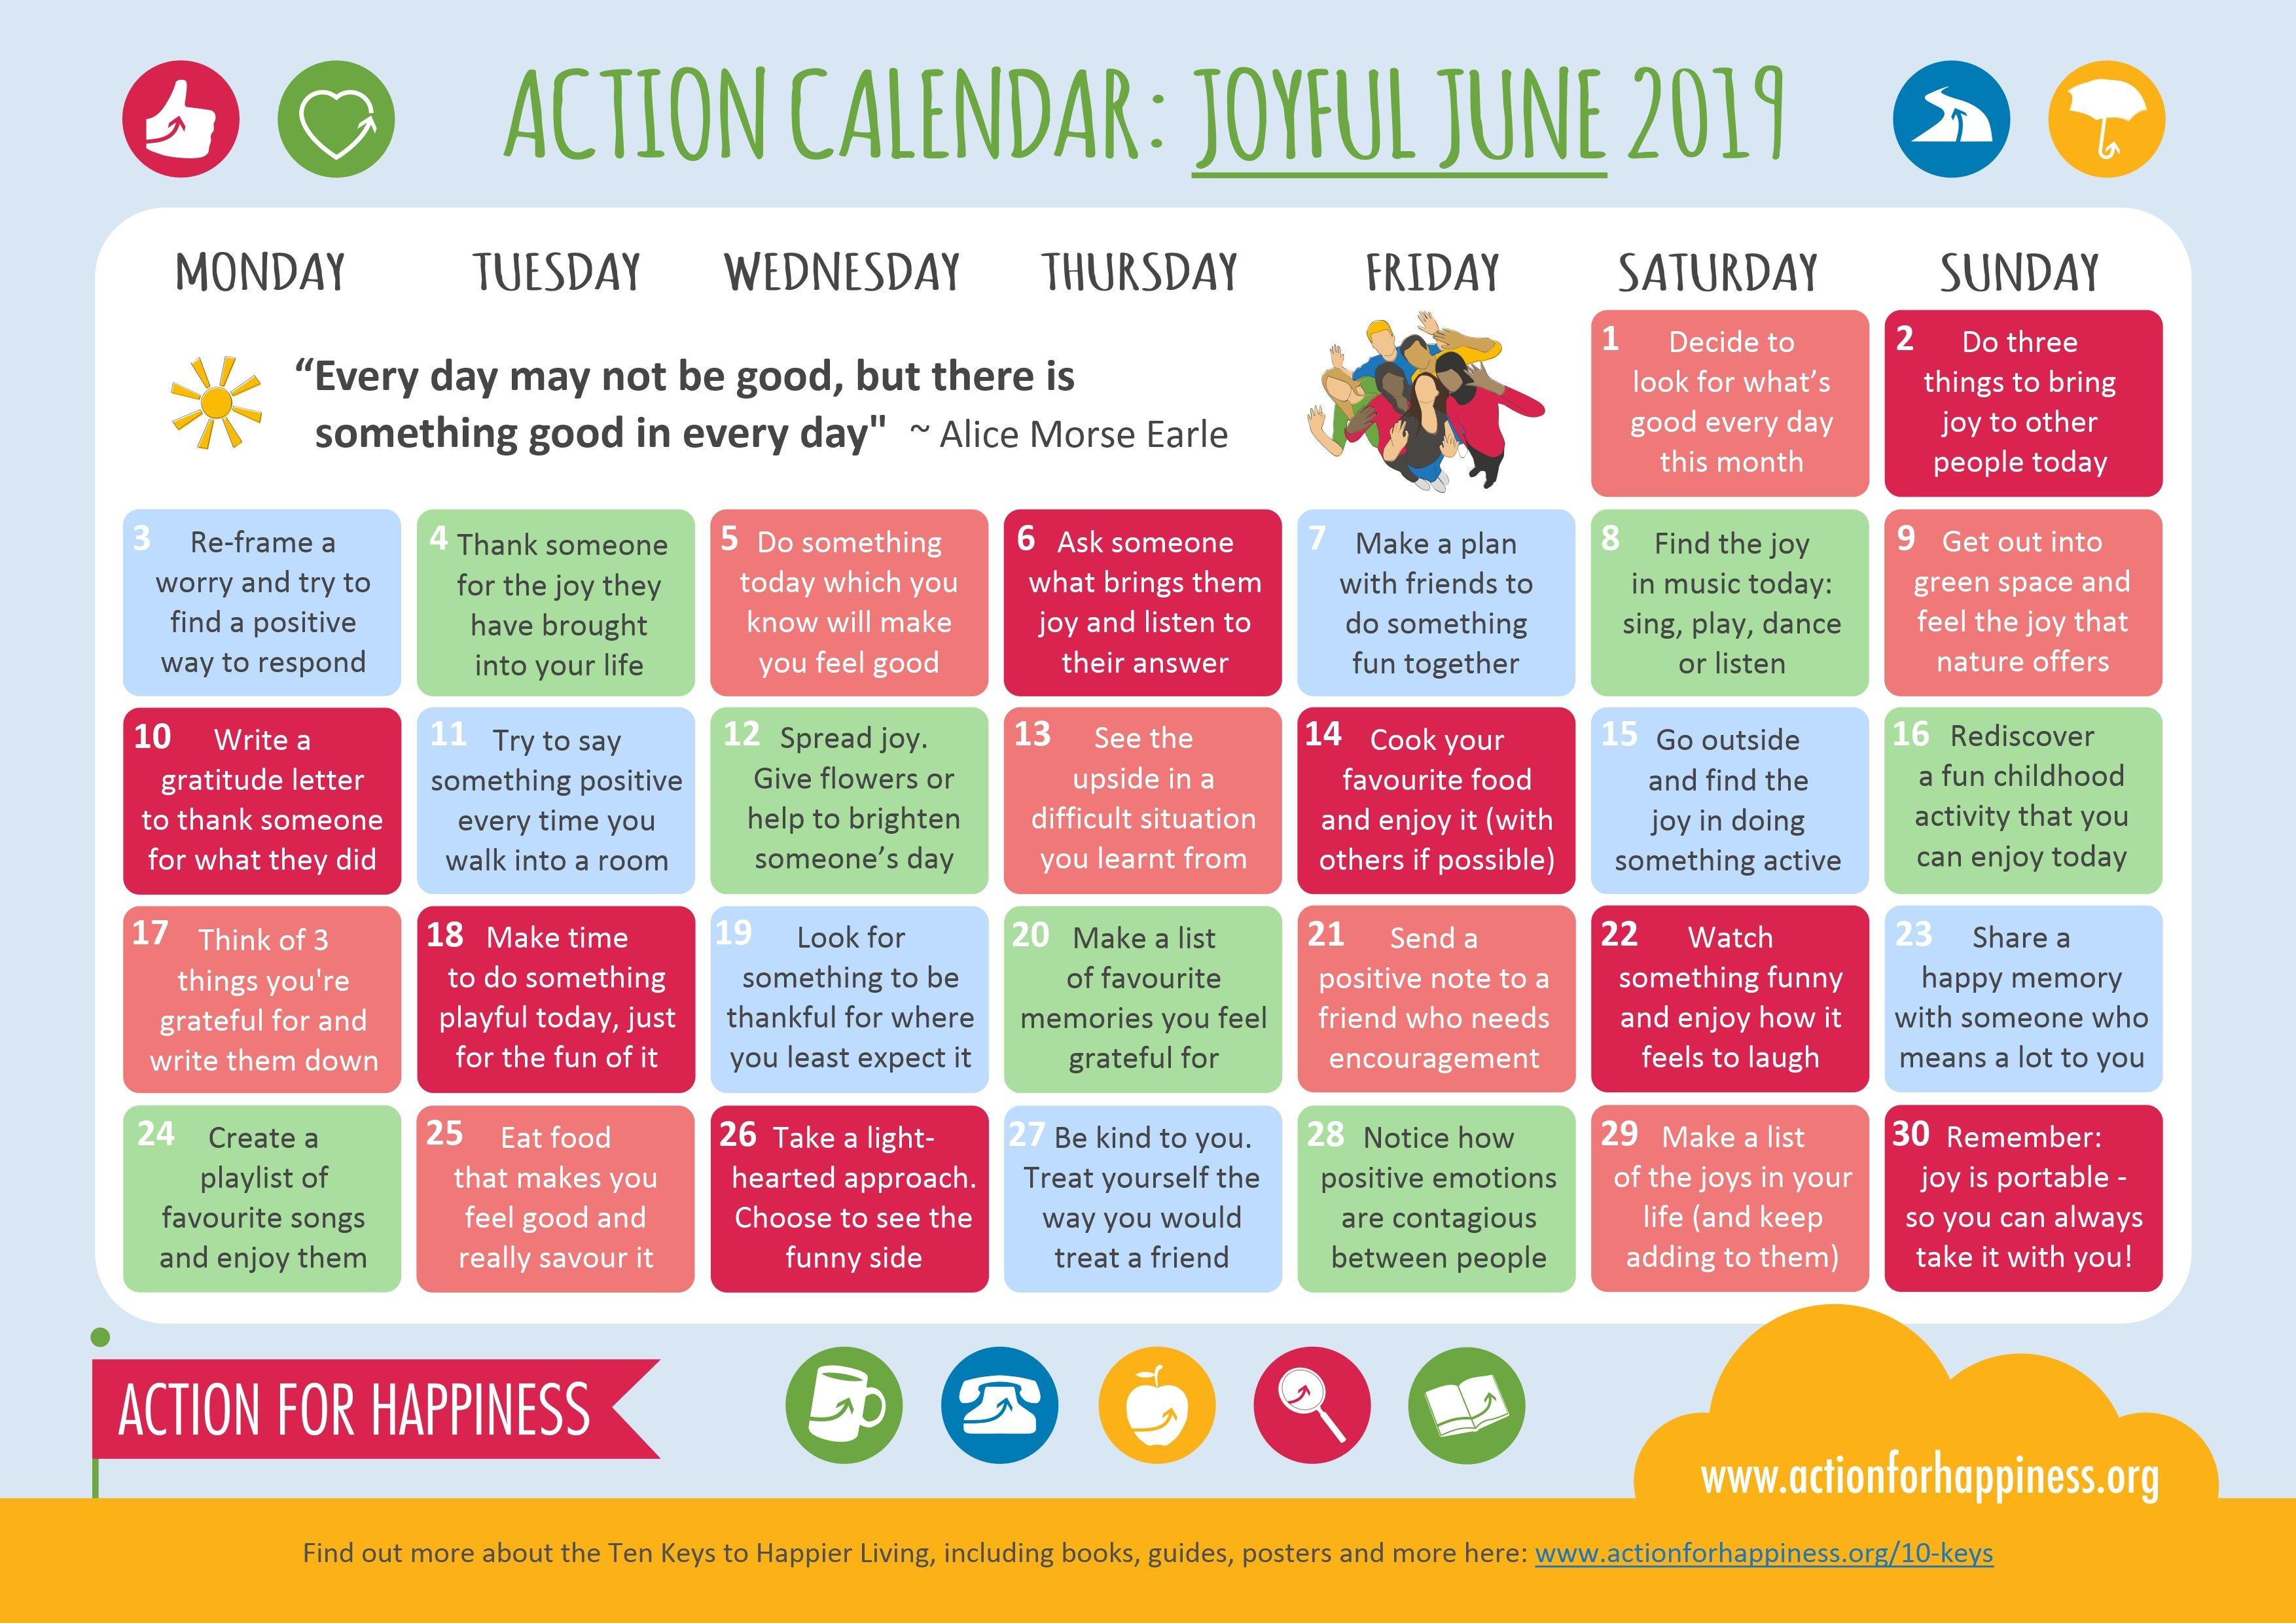 Joyful June Calendar Calendar 2019 Luxembourg